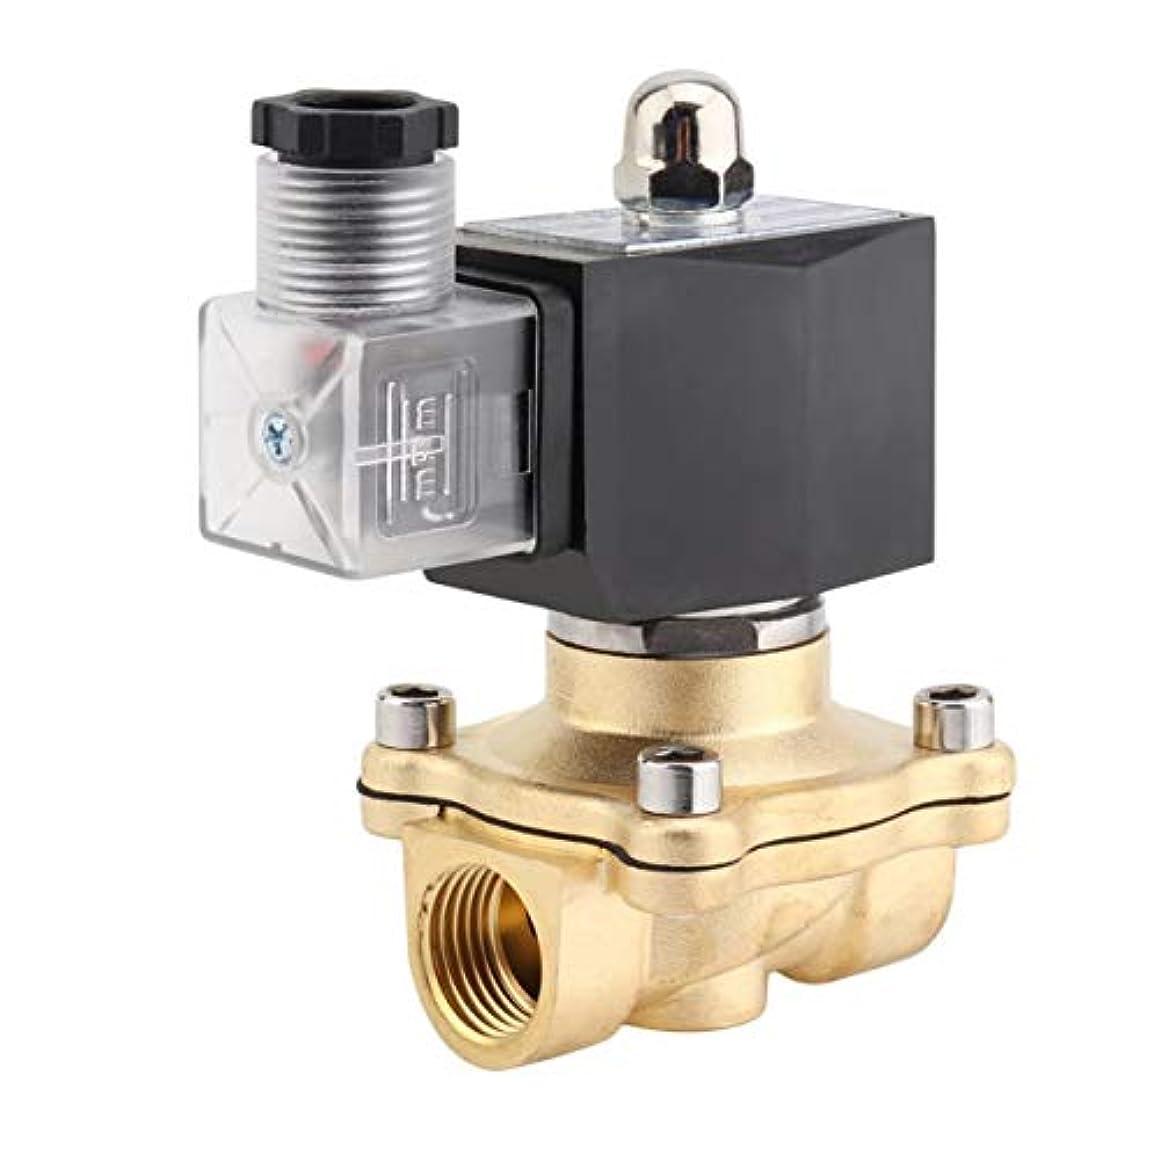 コンベンション略す資格情報Saikogoods 高性能1/2インチAC 220V 2Wスクエアコイル純銅直動ソレノイドバルブ電磁弁 ブラック&ゴールデン